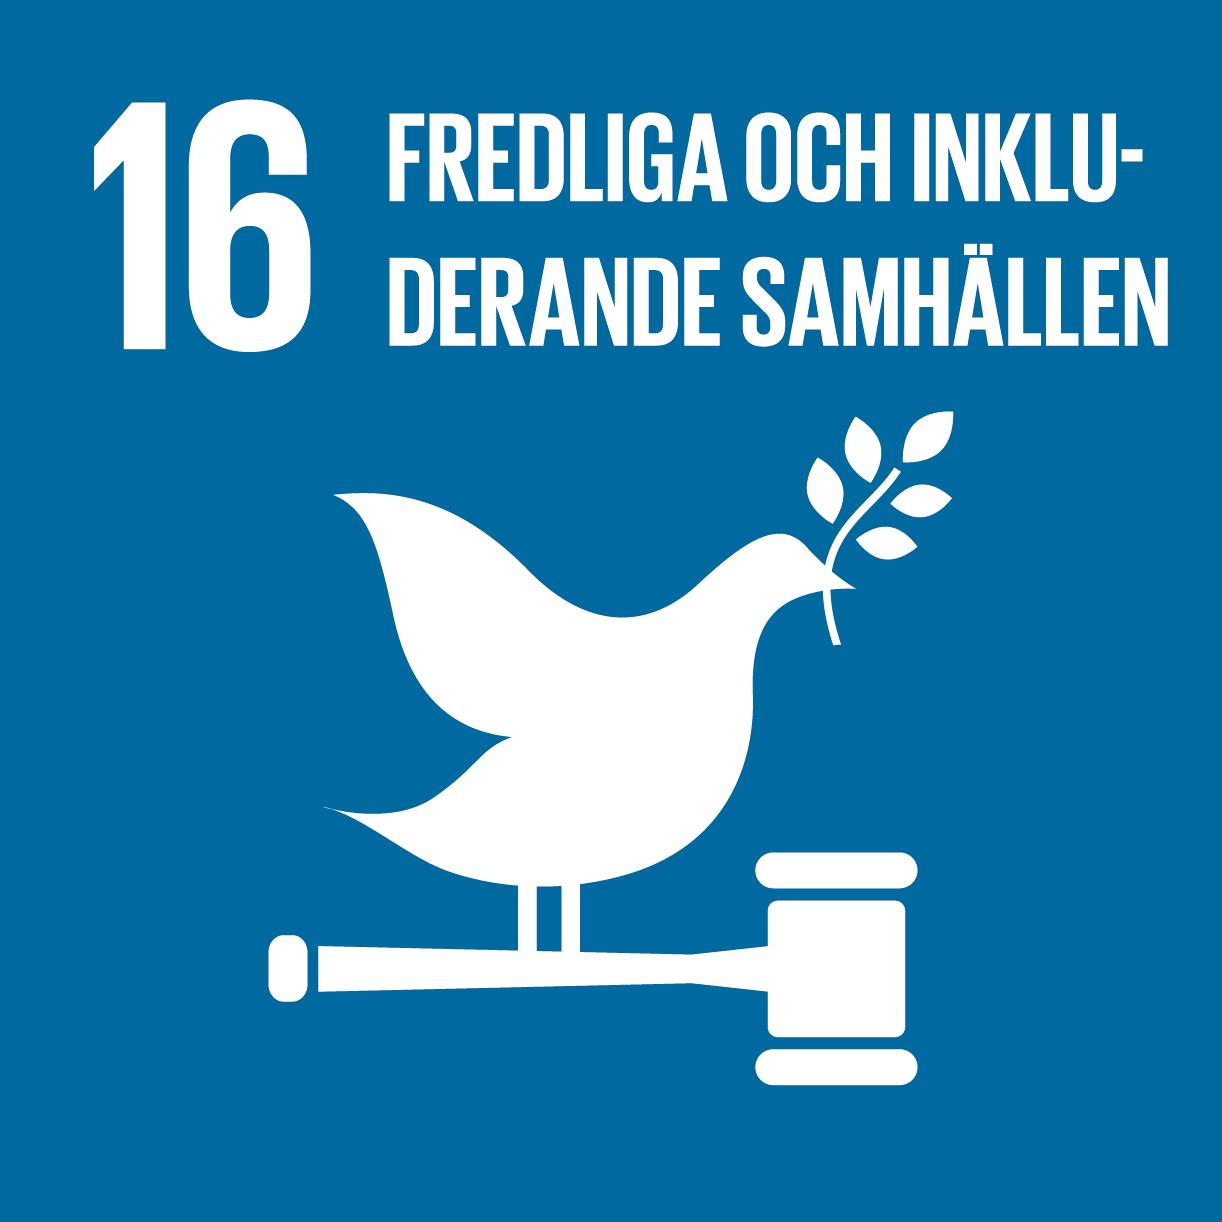 FN:s globala mål 16: Fredliga och inkluderande samhällen